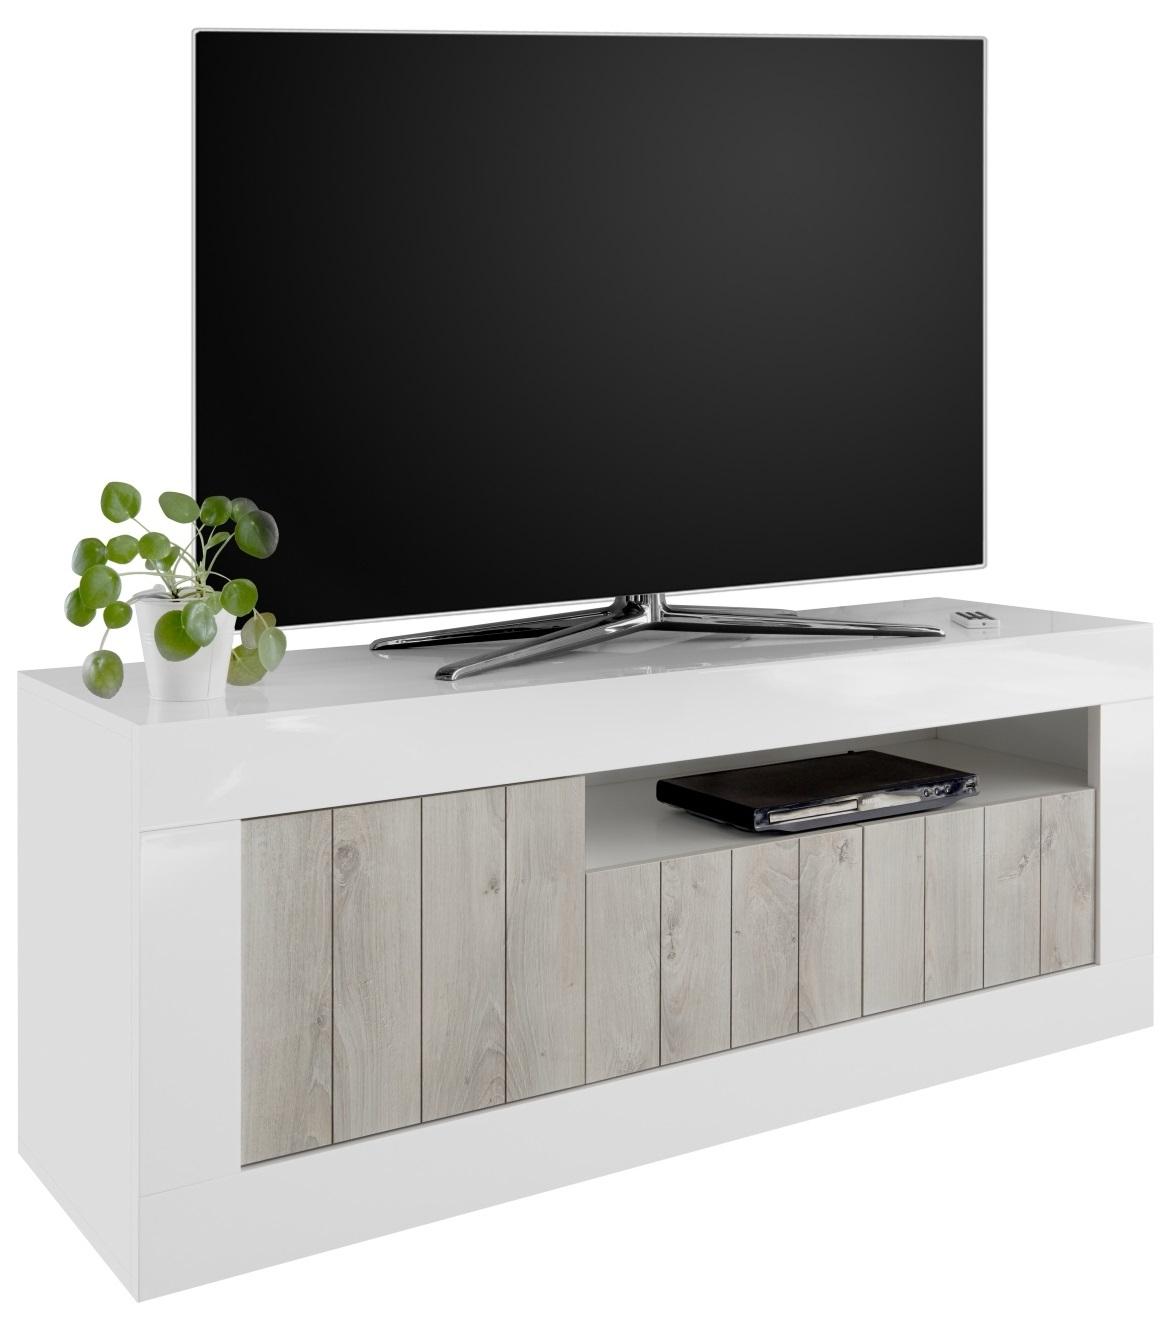 Tv-meubel Urbino 138 cm breed in hoogglans wit met grenen wit